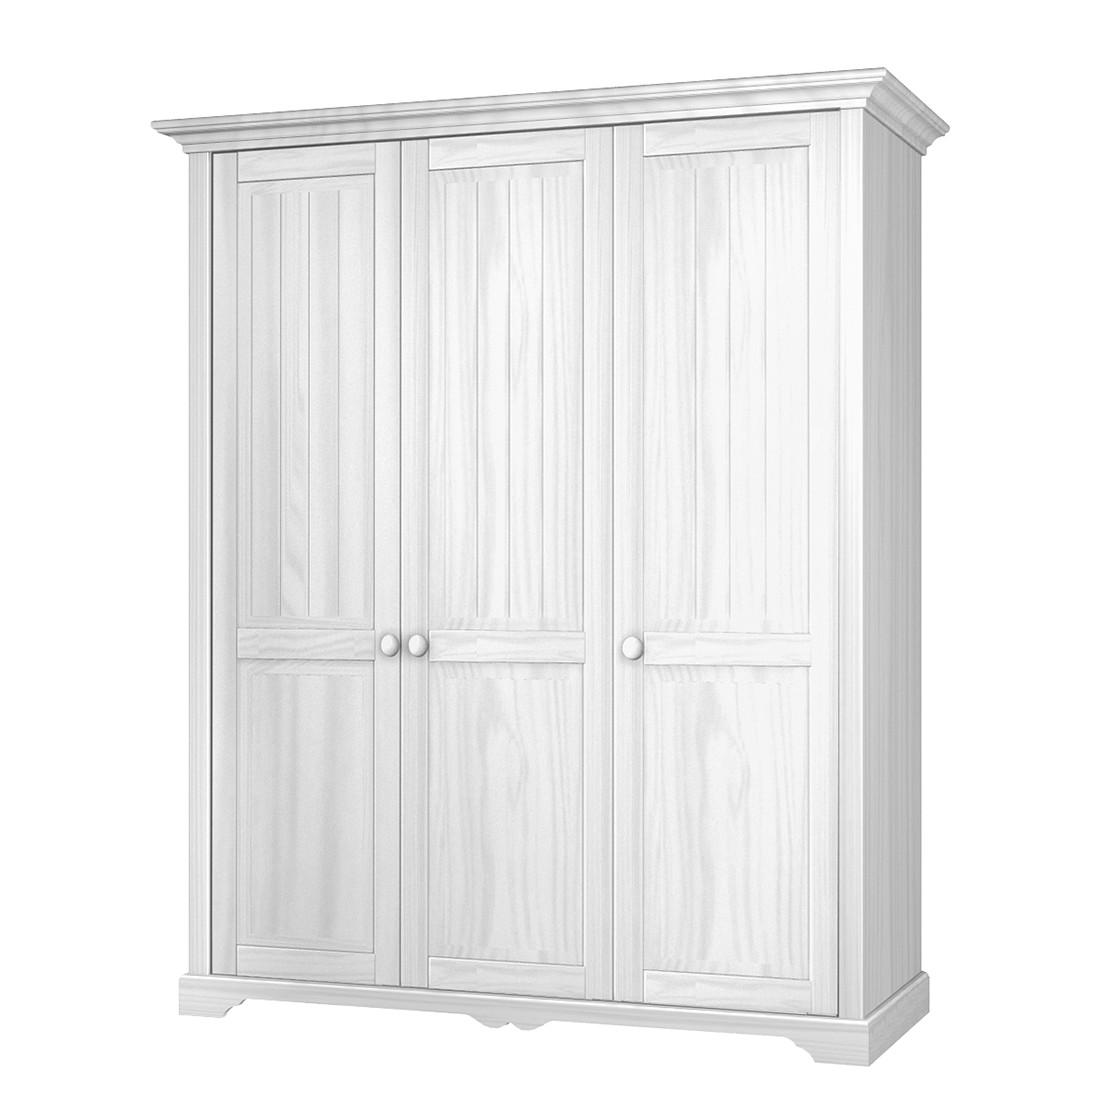 Drehtürenschrank La Coquette - Kiefer teilmassiv - Weiß - 171 cm (3-türig), Landhaus Classic